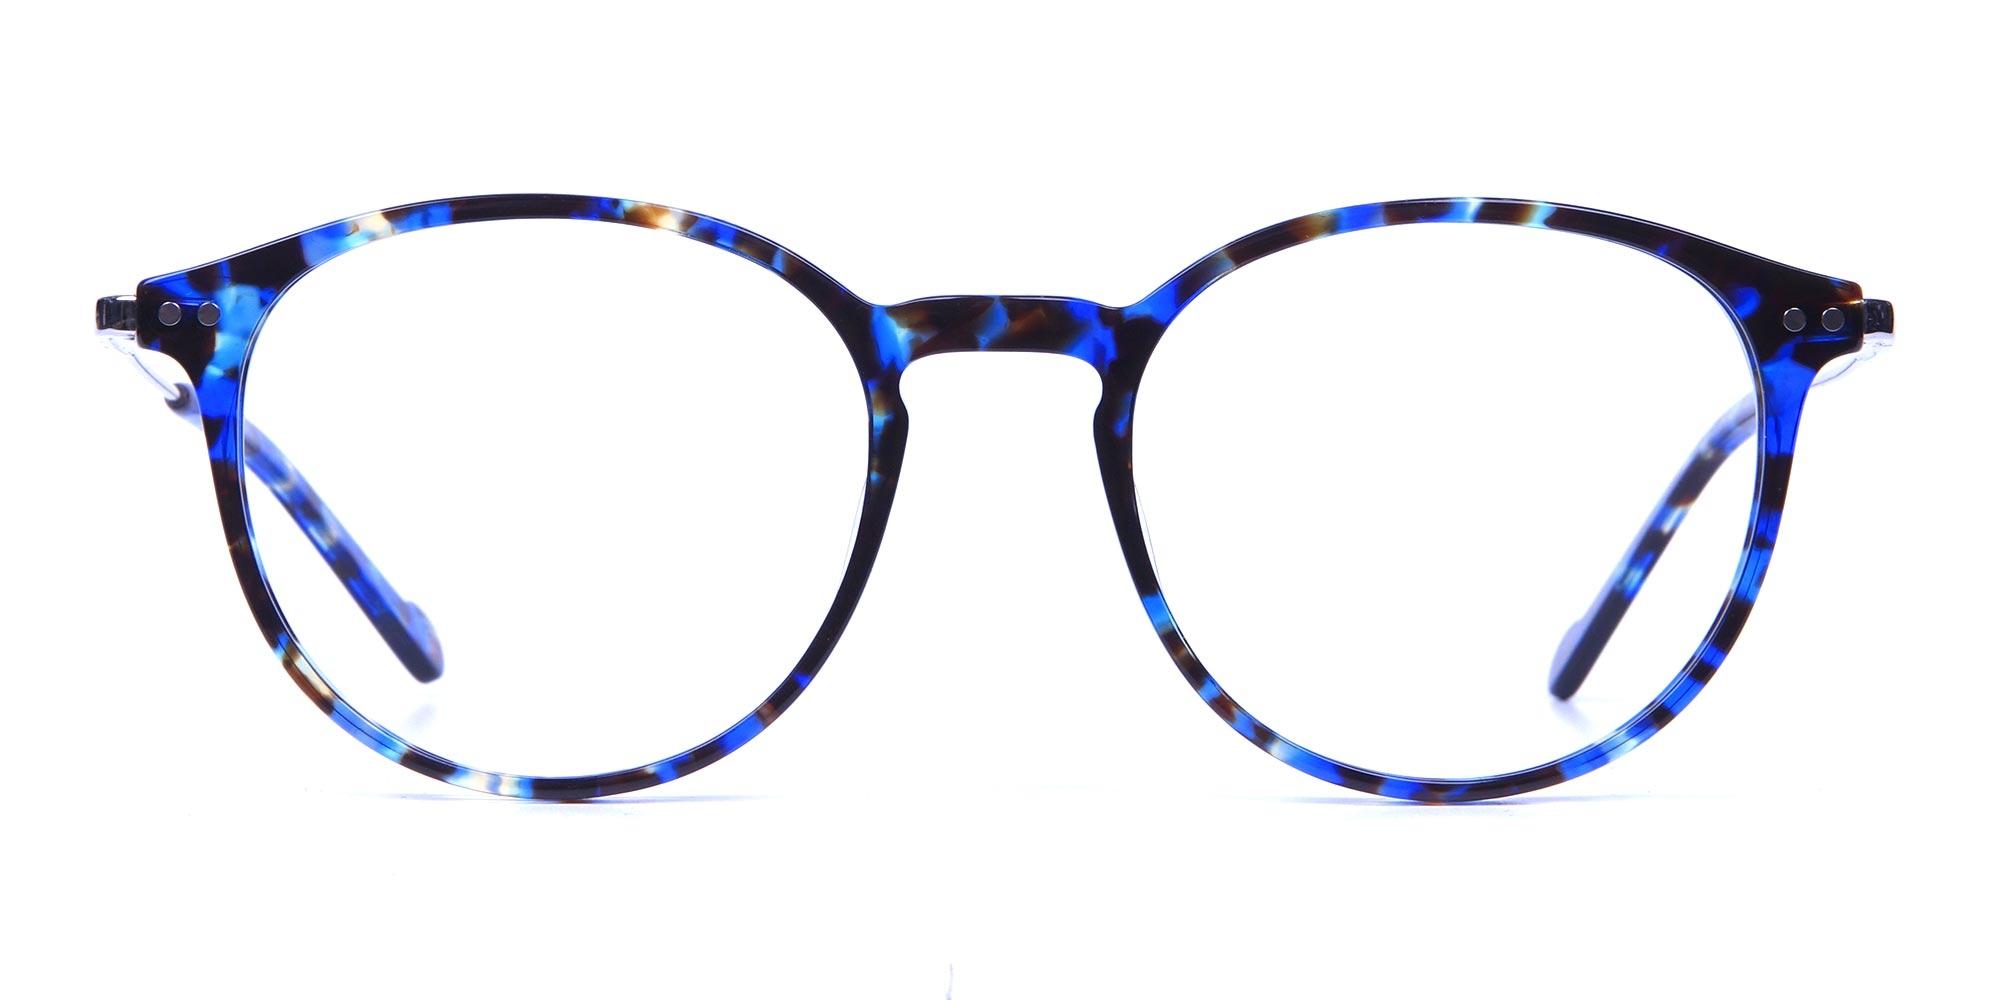 HILL 3 trendy glasses for girl